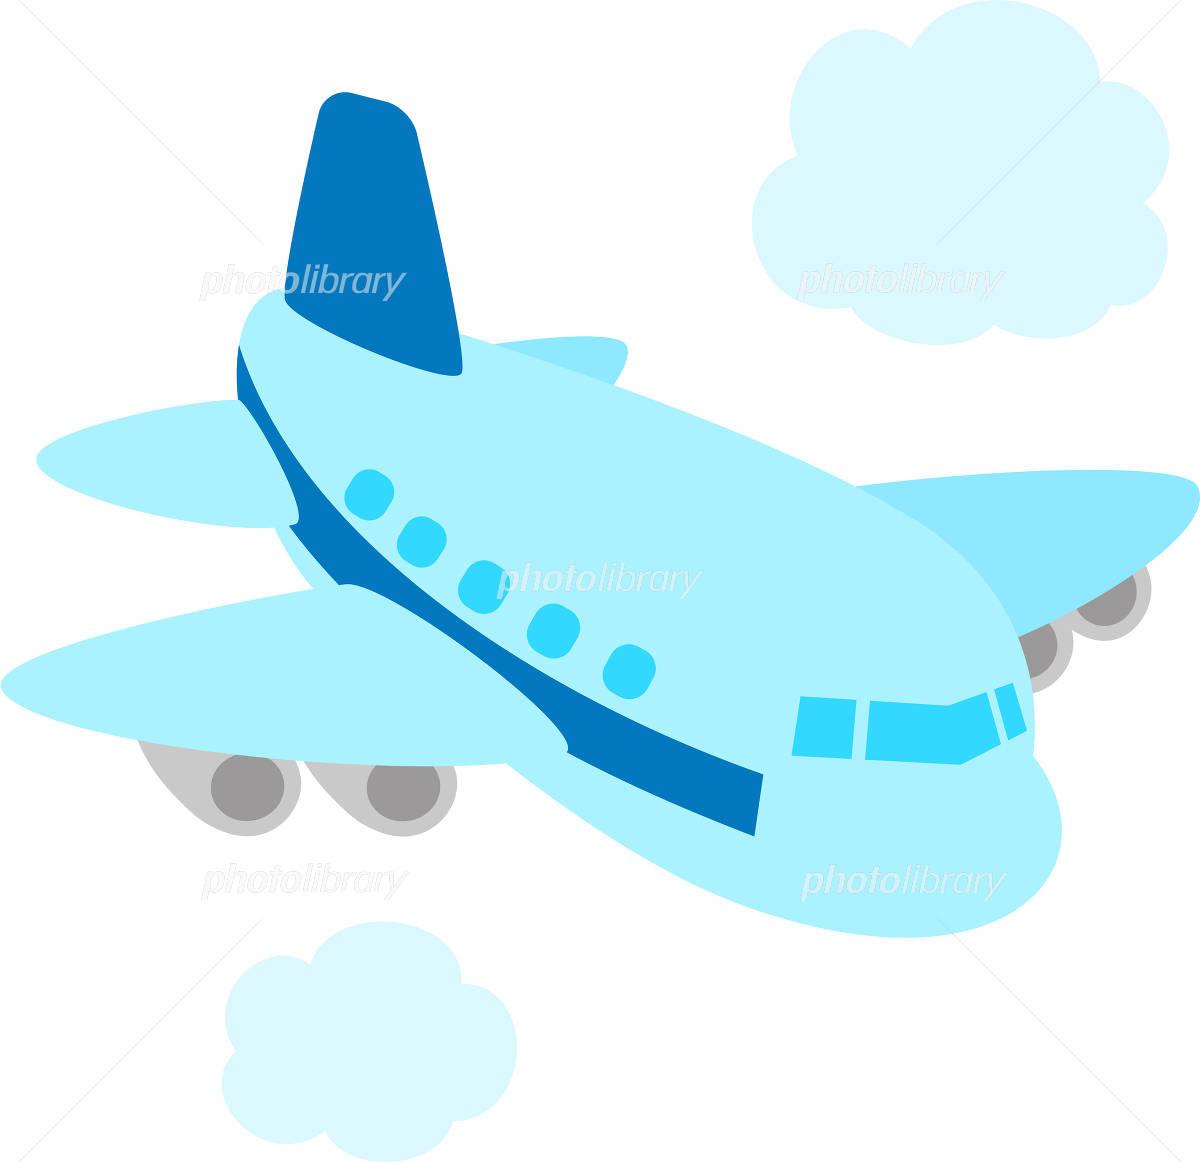 かわいい飛行機 イラスト素材 4844980 フォトライブラリー